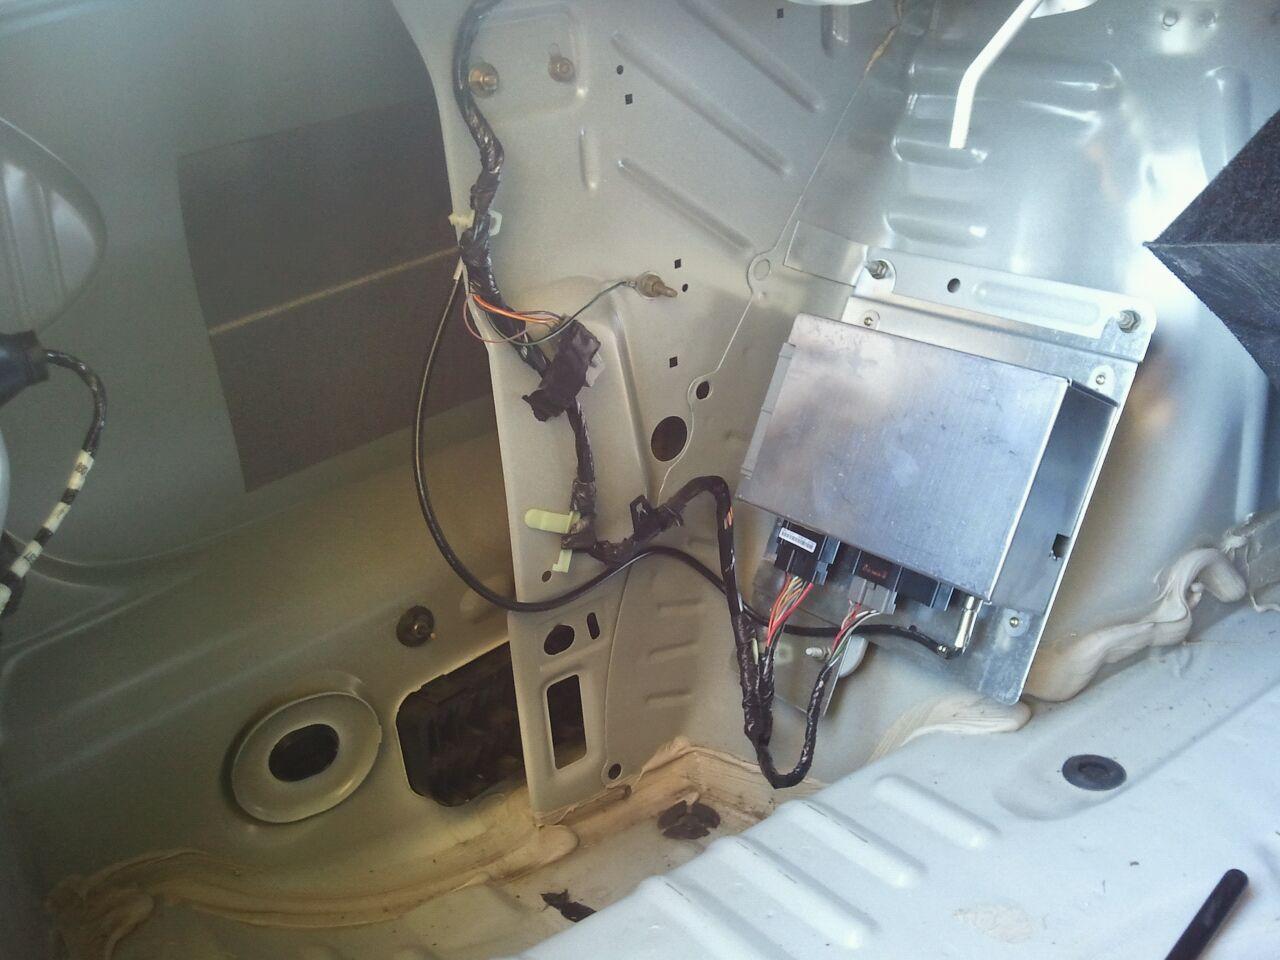 2003 kawasaki zx6r fuel pump wiring diagram cbr 929 fuel